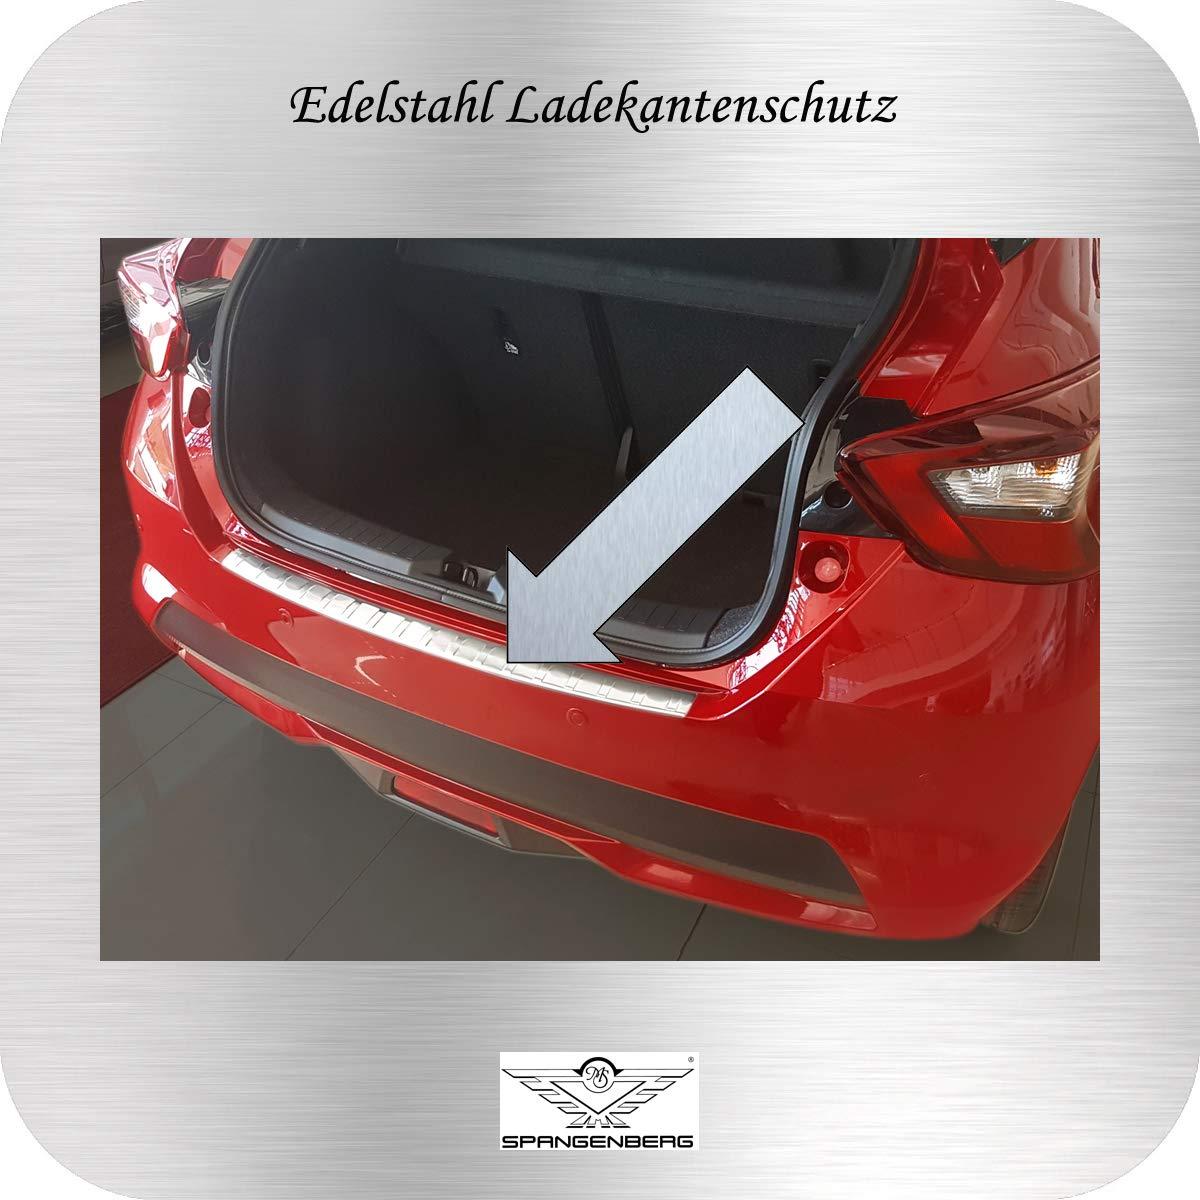 Art Spangenberg Edelstahl Ladekantenschutz f/ür Nissan Micra Schr/ägheck Typ K14 ab Baujahr 12.2016 3235149